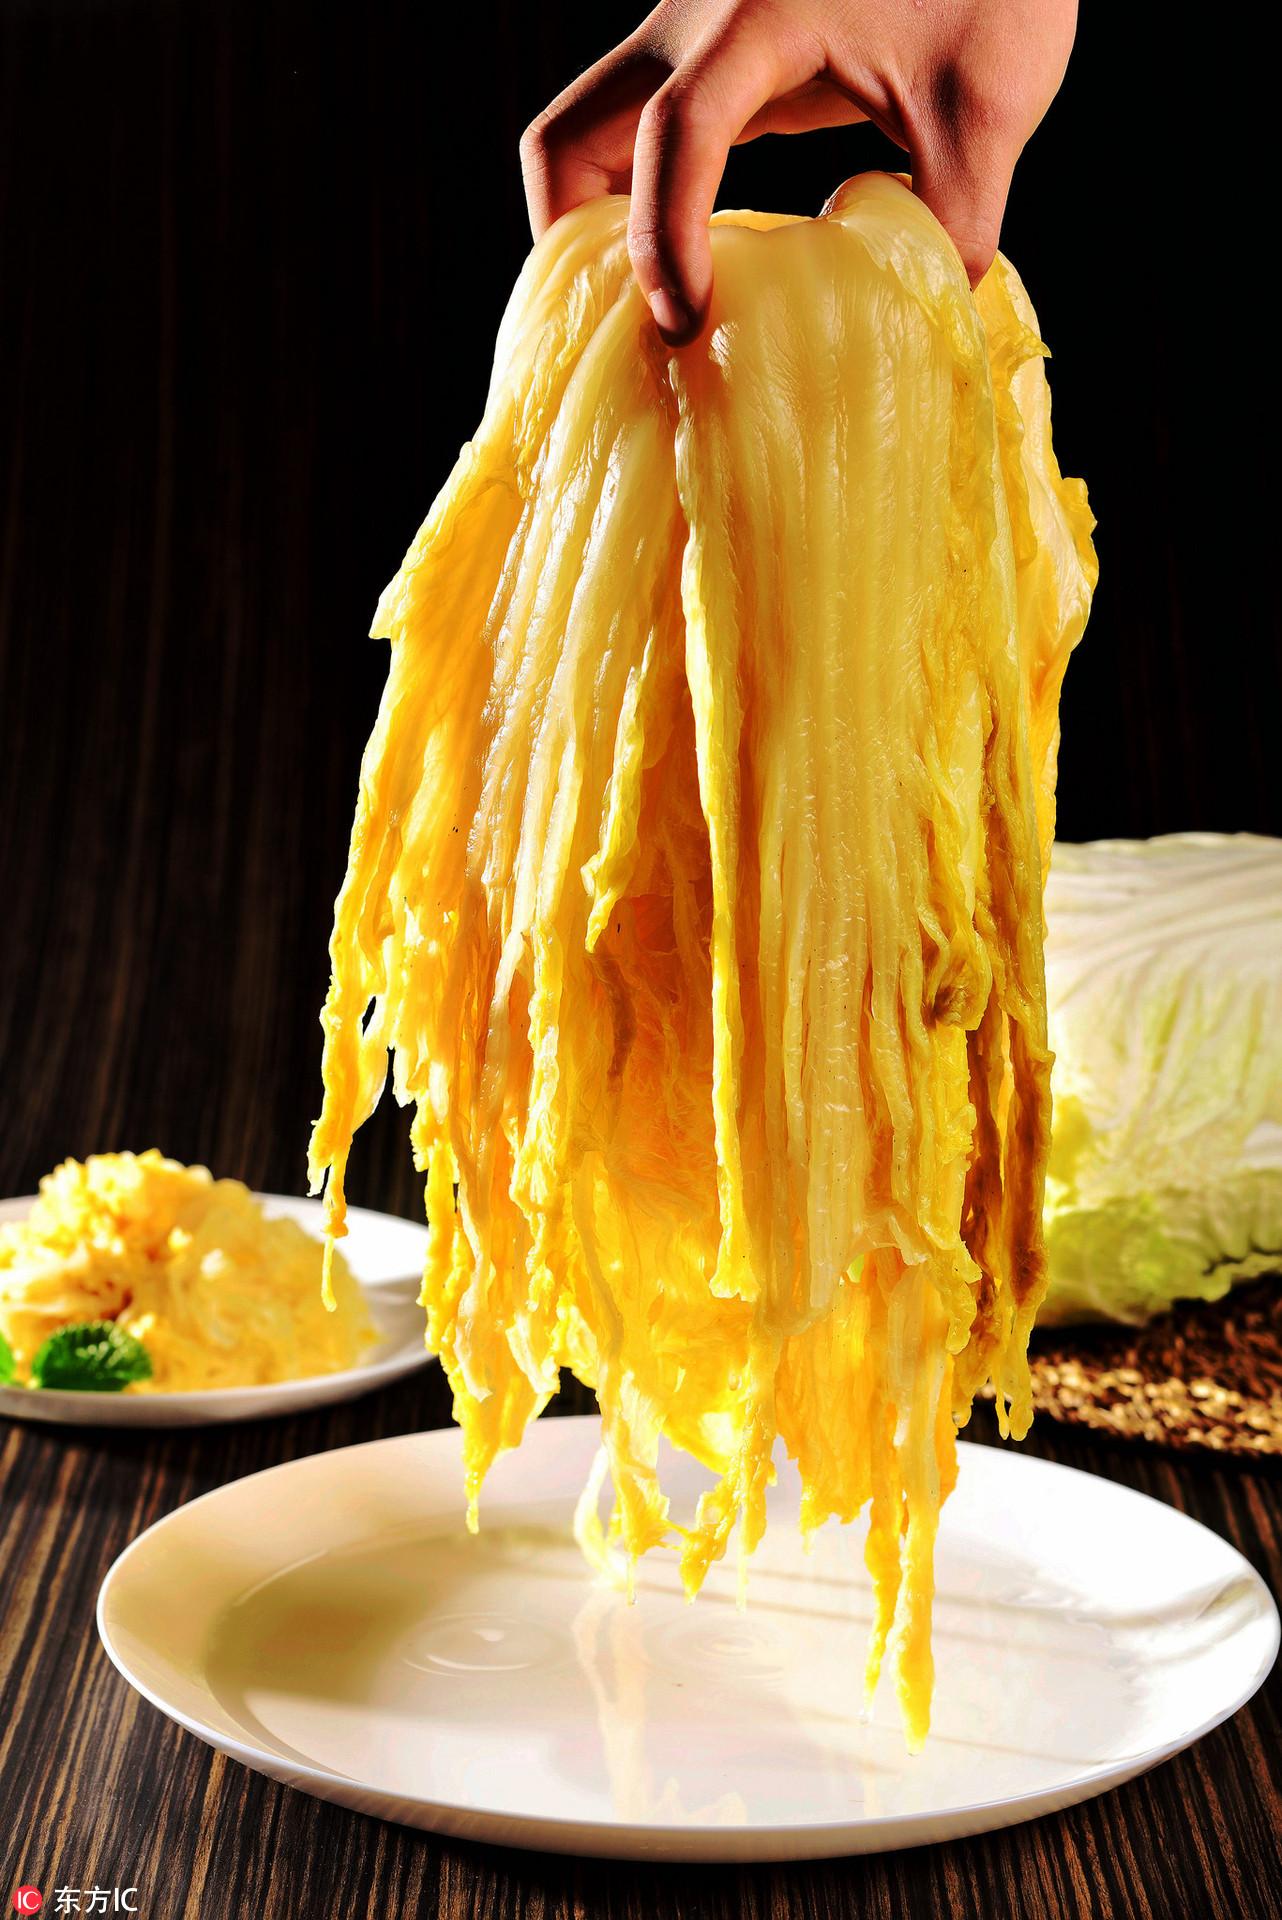 乳酸菌制造黑大酸菜 走進舌尖3后火了!